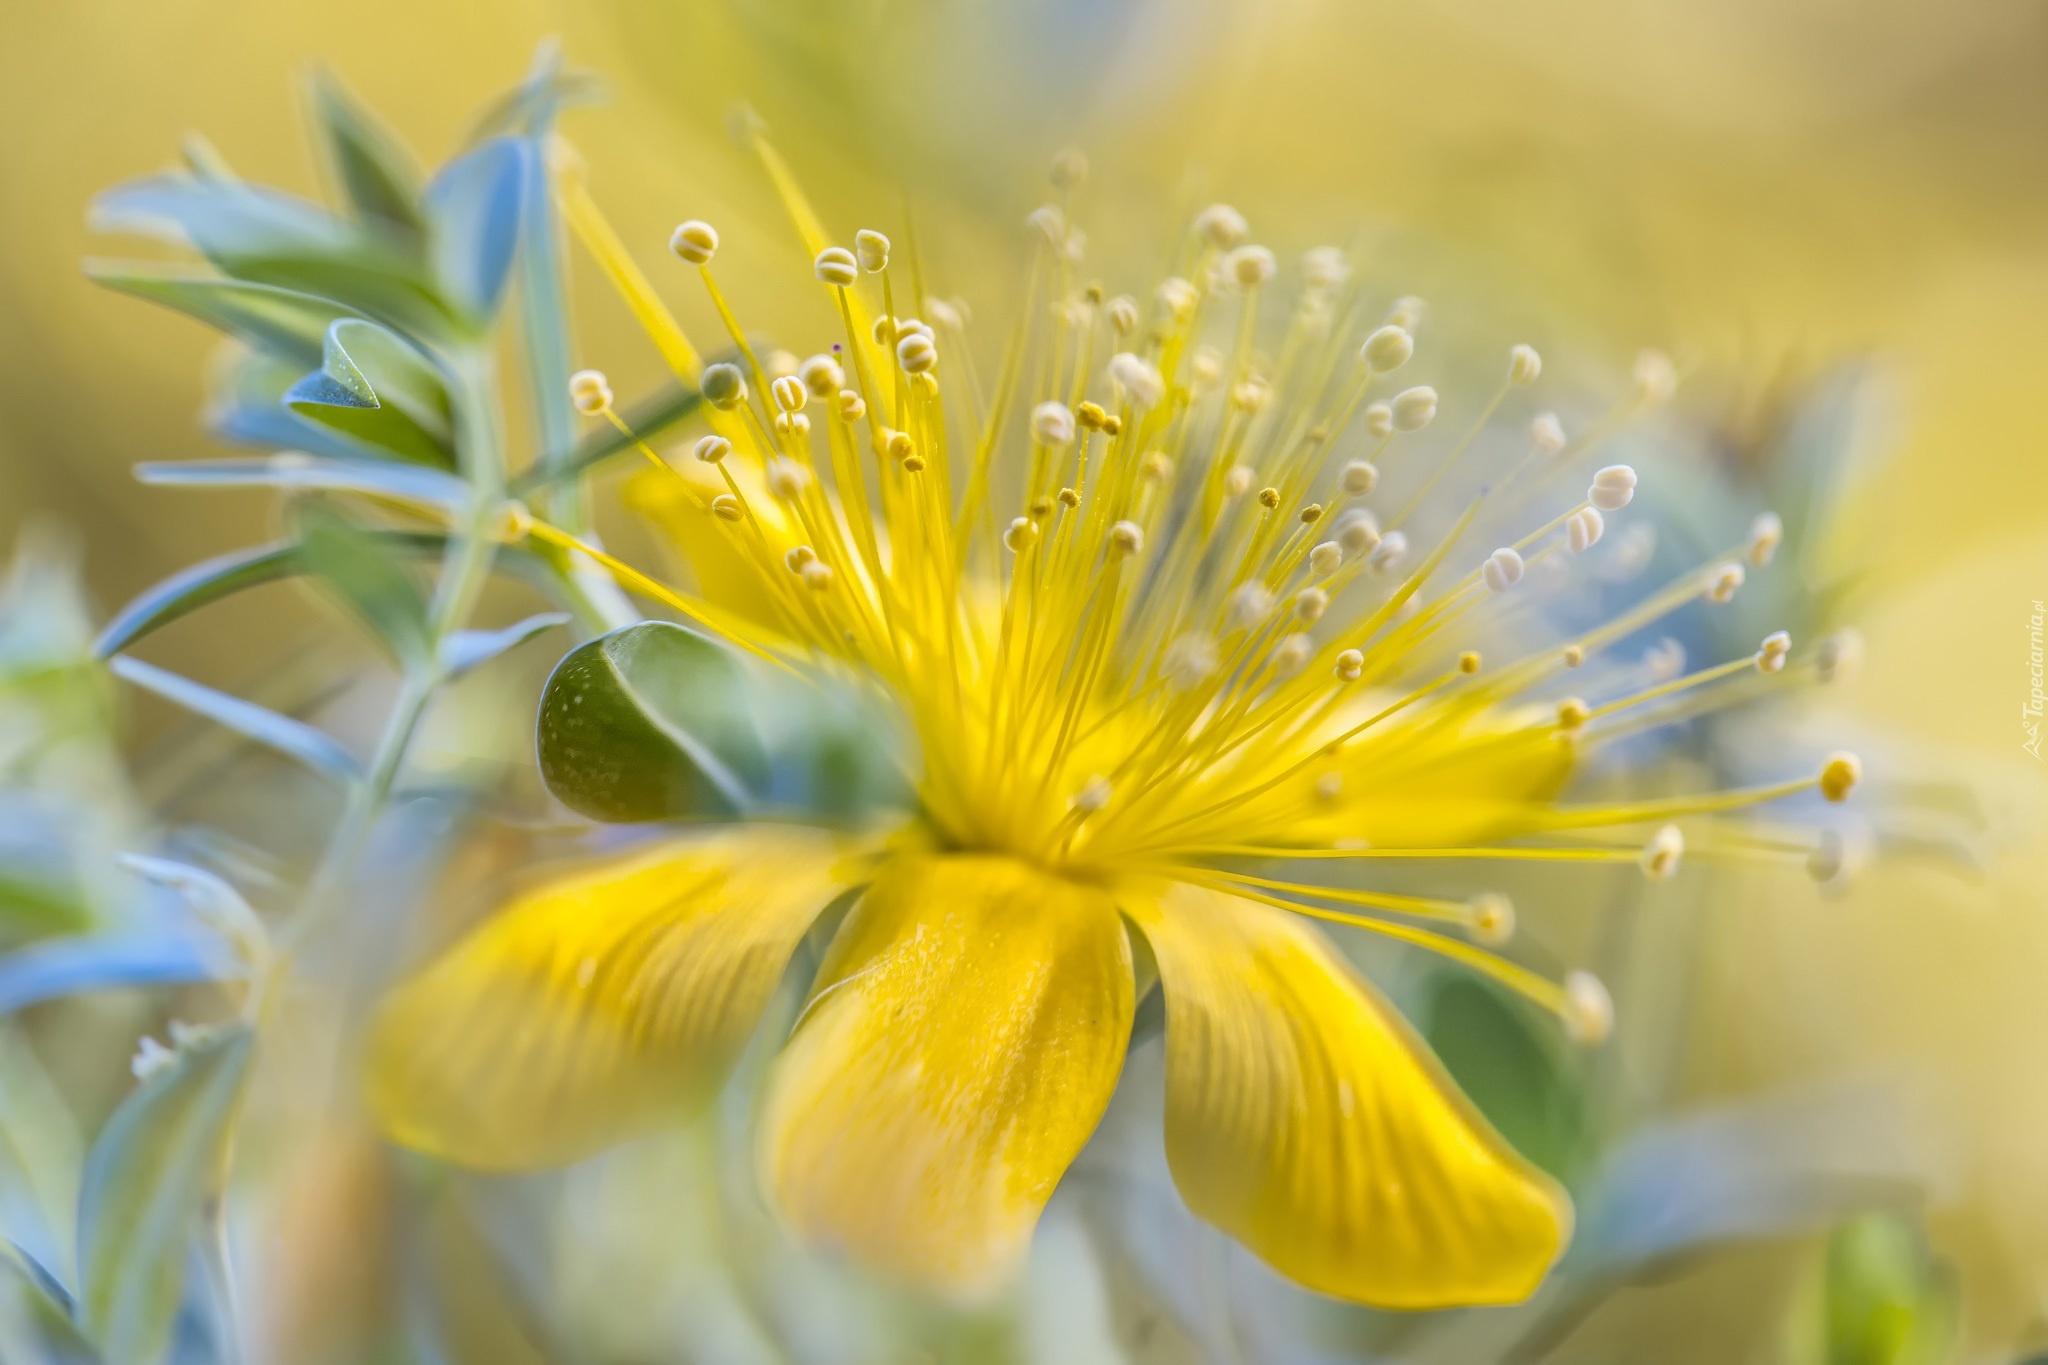 Желтые ромашки цветы желтые цветы размытость  № 3831075 бесплатно